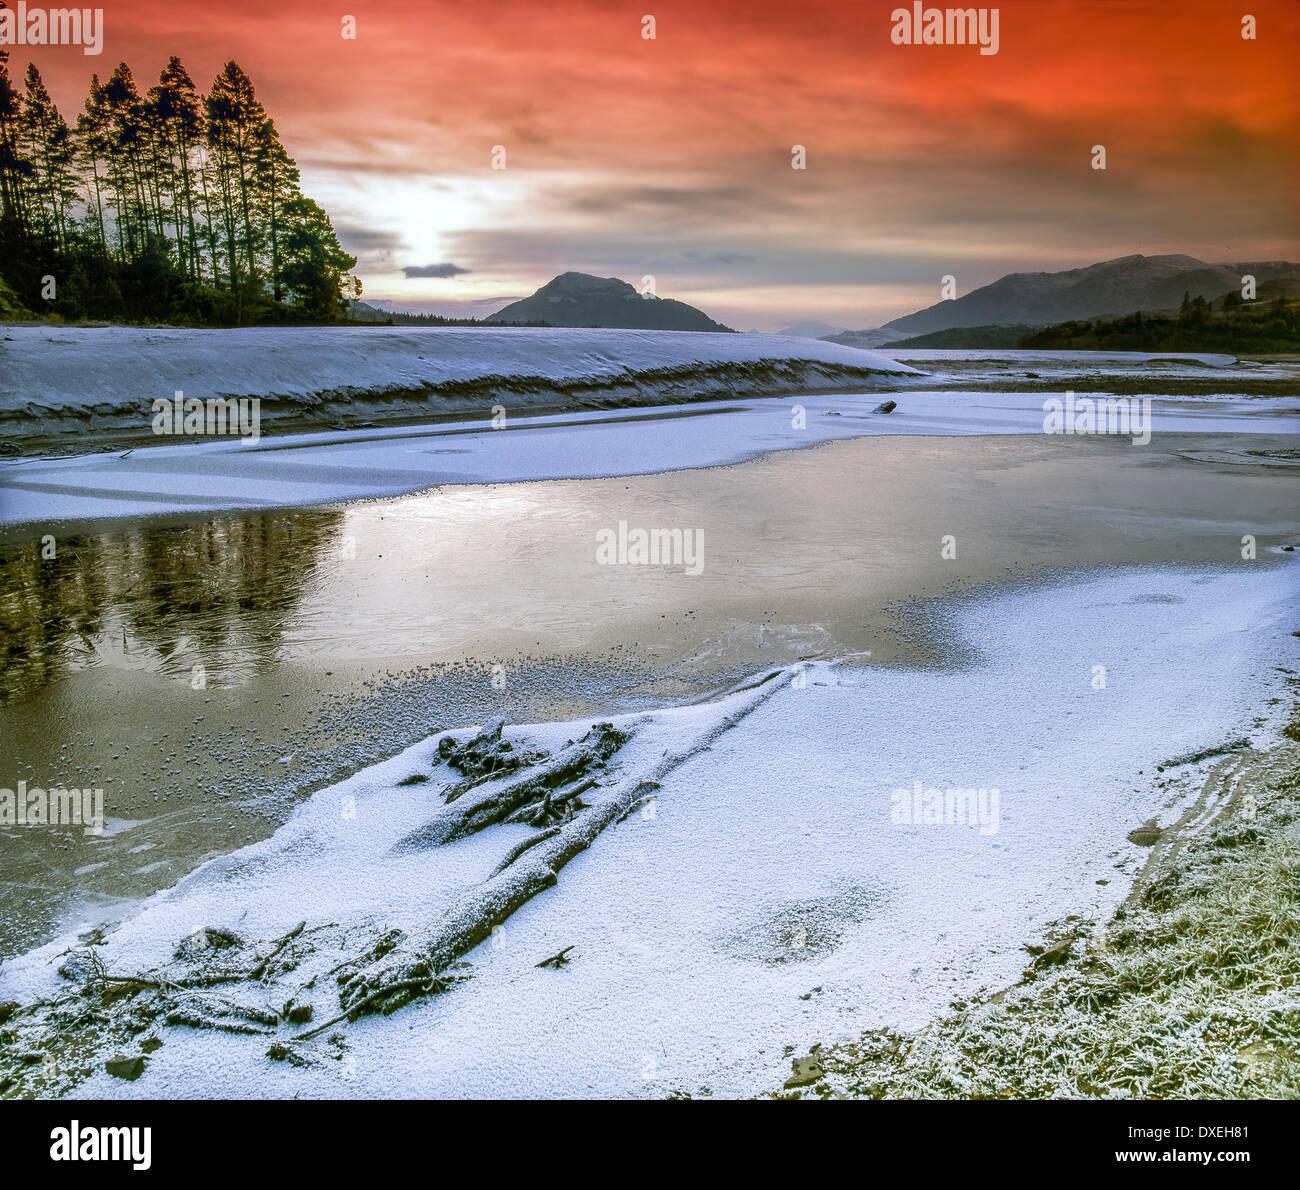 Loch Laggan, Glen Spean, Badenoch, Highlands - Stock Image